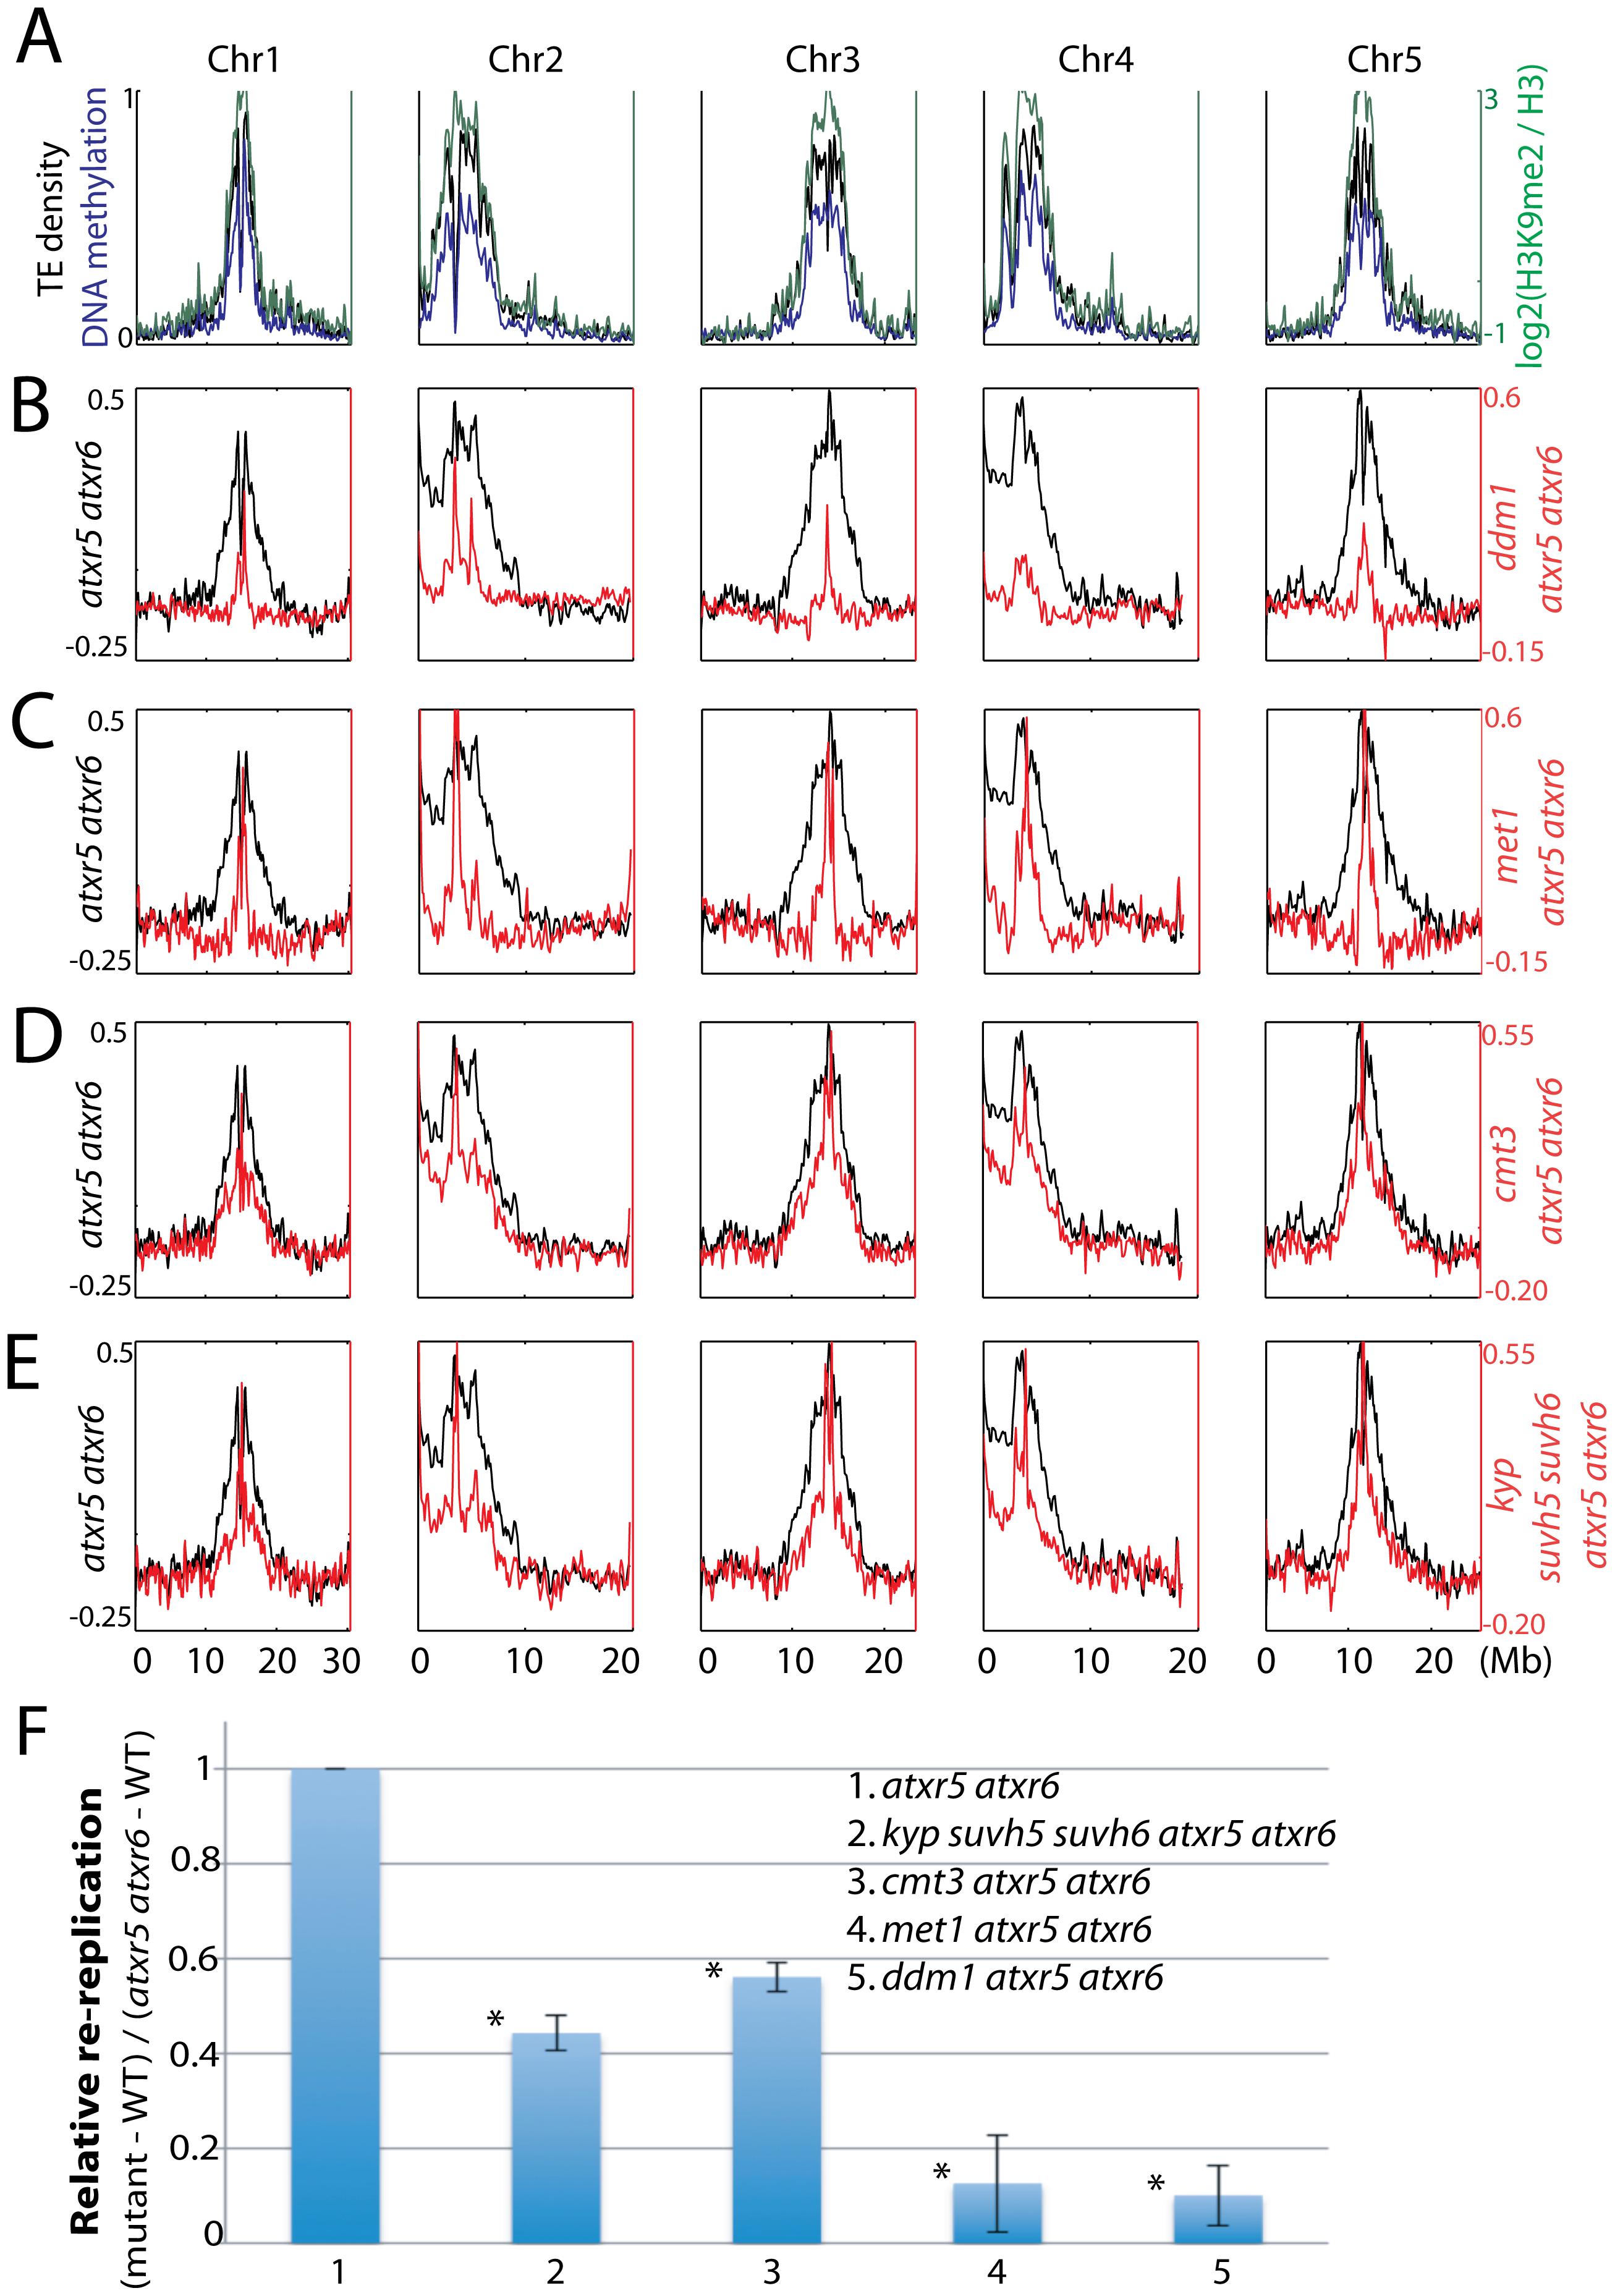 Relationship between ATXR5/6 and DNA methylation in regulating DNA replication in heterochromatin.